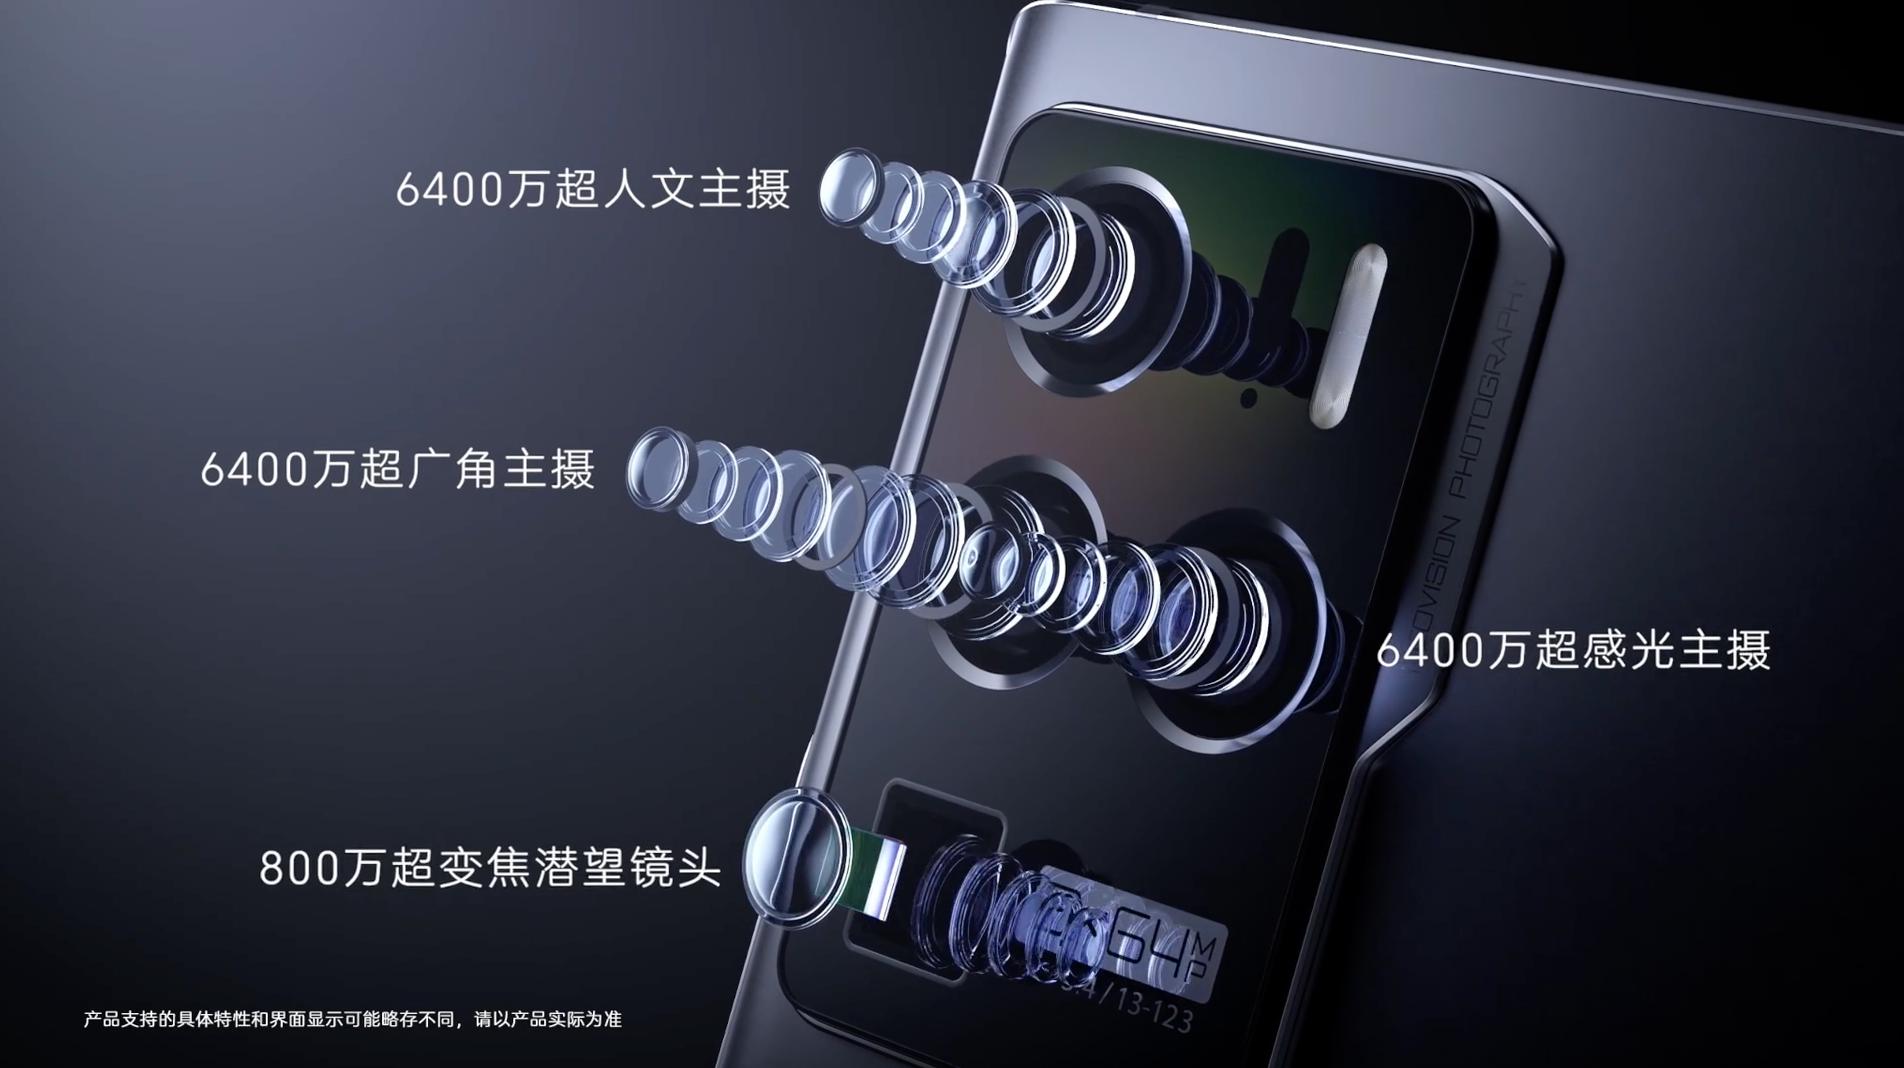 「科技V报」华为P50系列有望使用液态镜头;中兴Axon30 Ultra支持斯坦尼康级防抖-20210408-VDGER